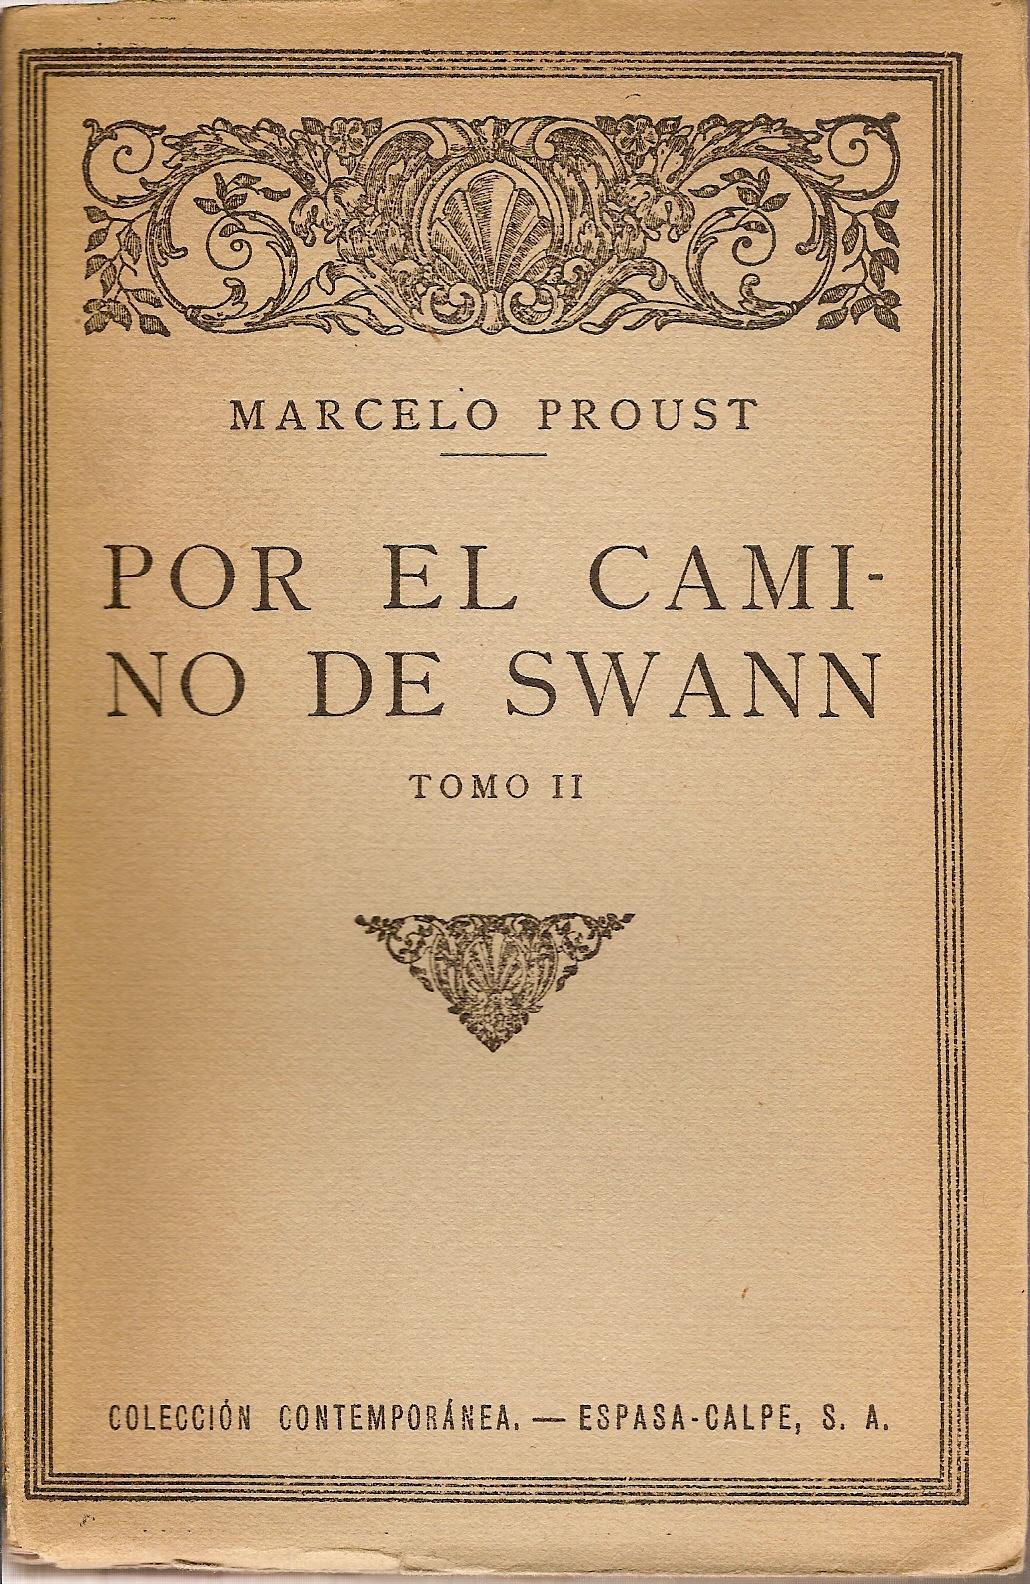 Portada de la primera edición en castellano de Por el camino de Swan (en dos tomos), de Marcel Proust, en Espasa-Calpe, en 1920.